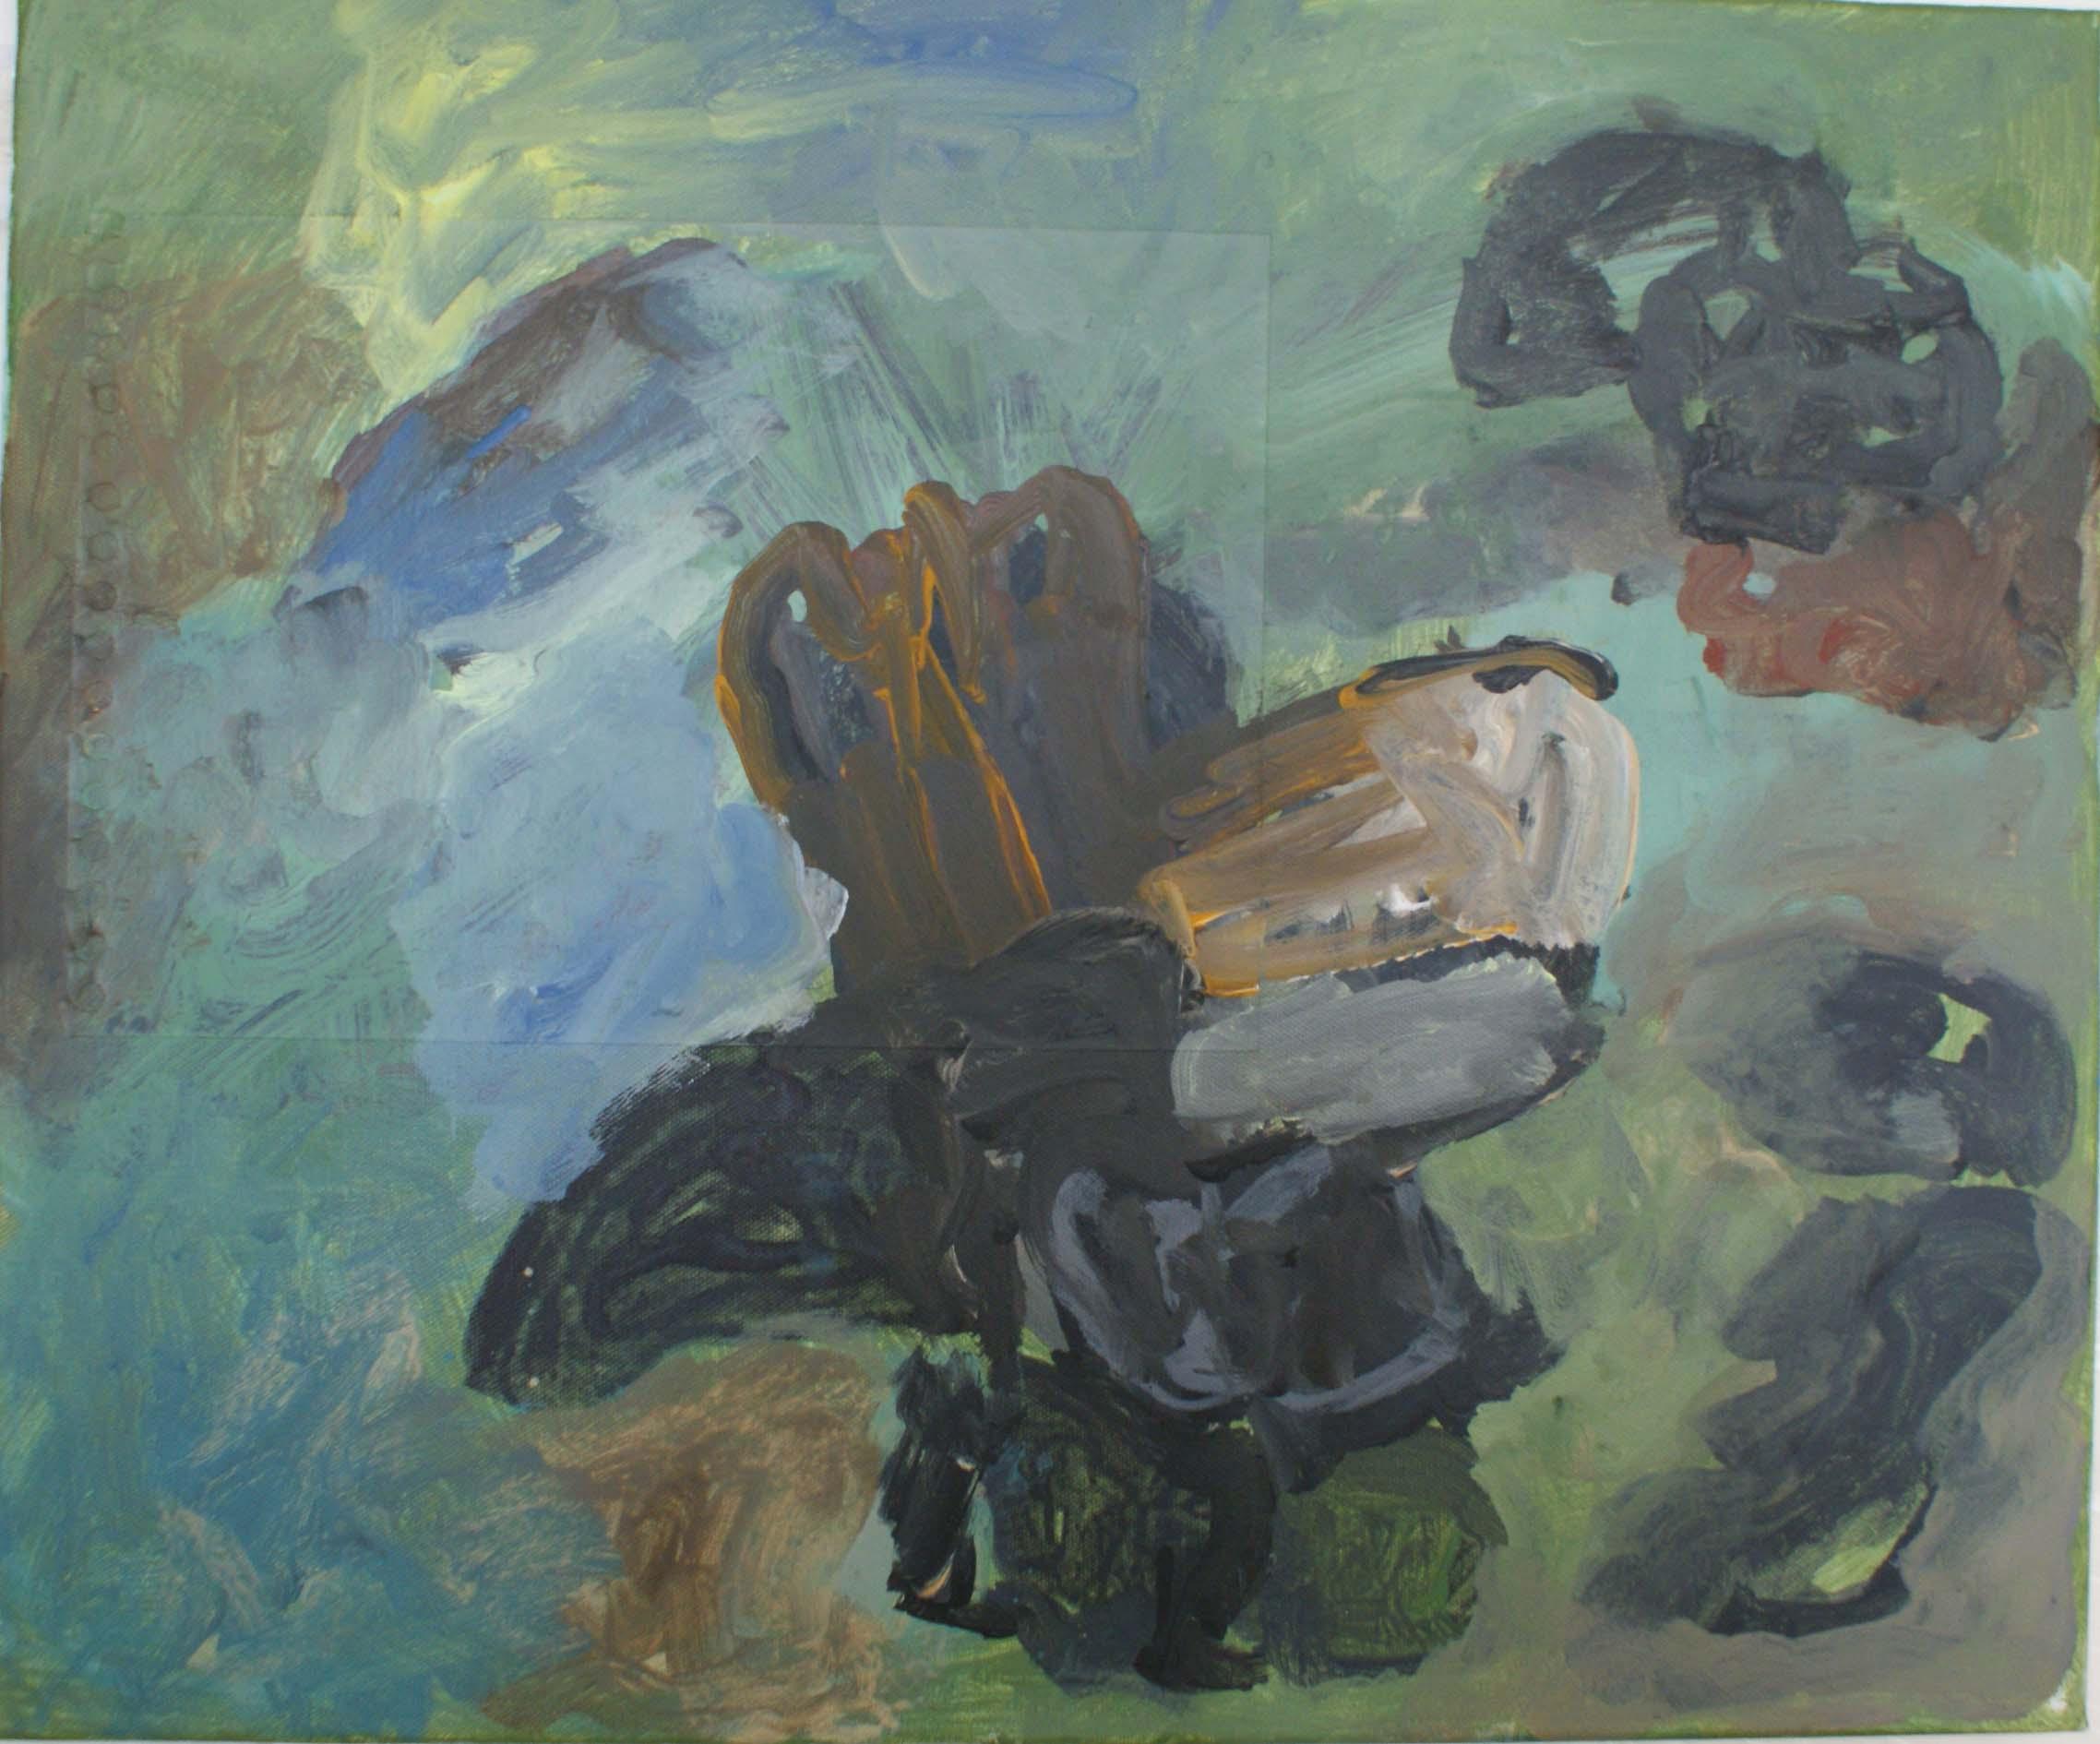 pierres_et_mer_foncés,_2016,_55x45,5_acrylique_sur_toile_sm